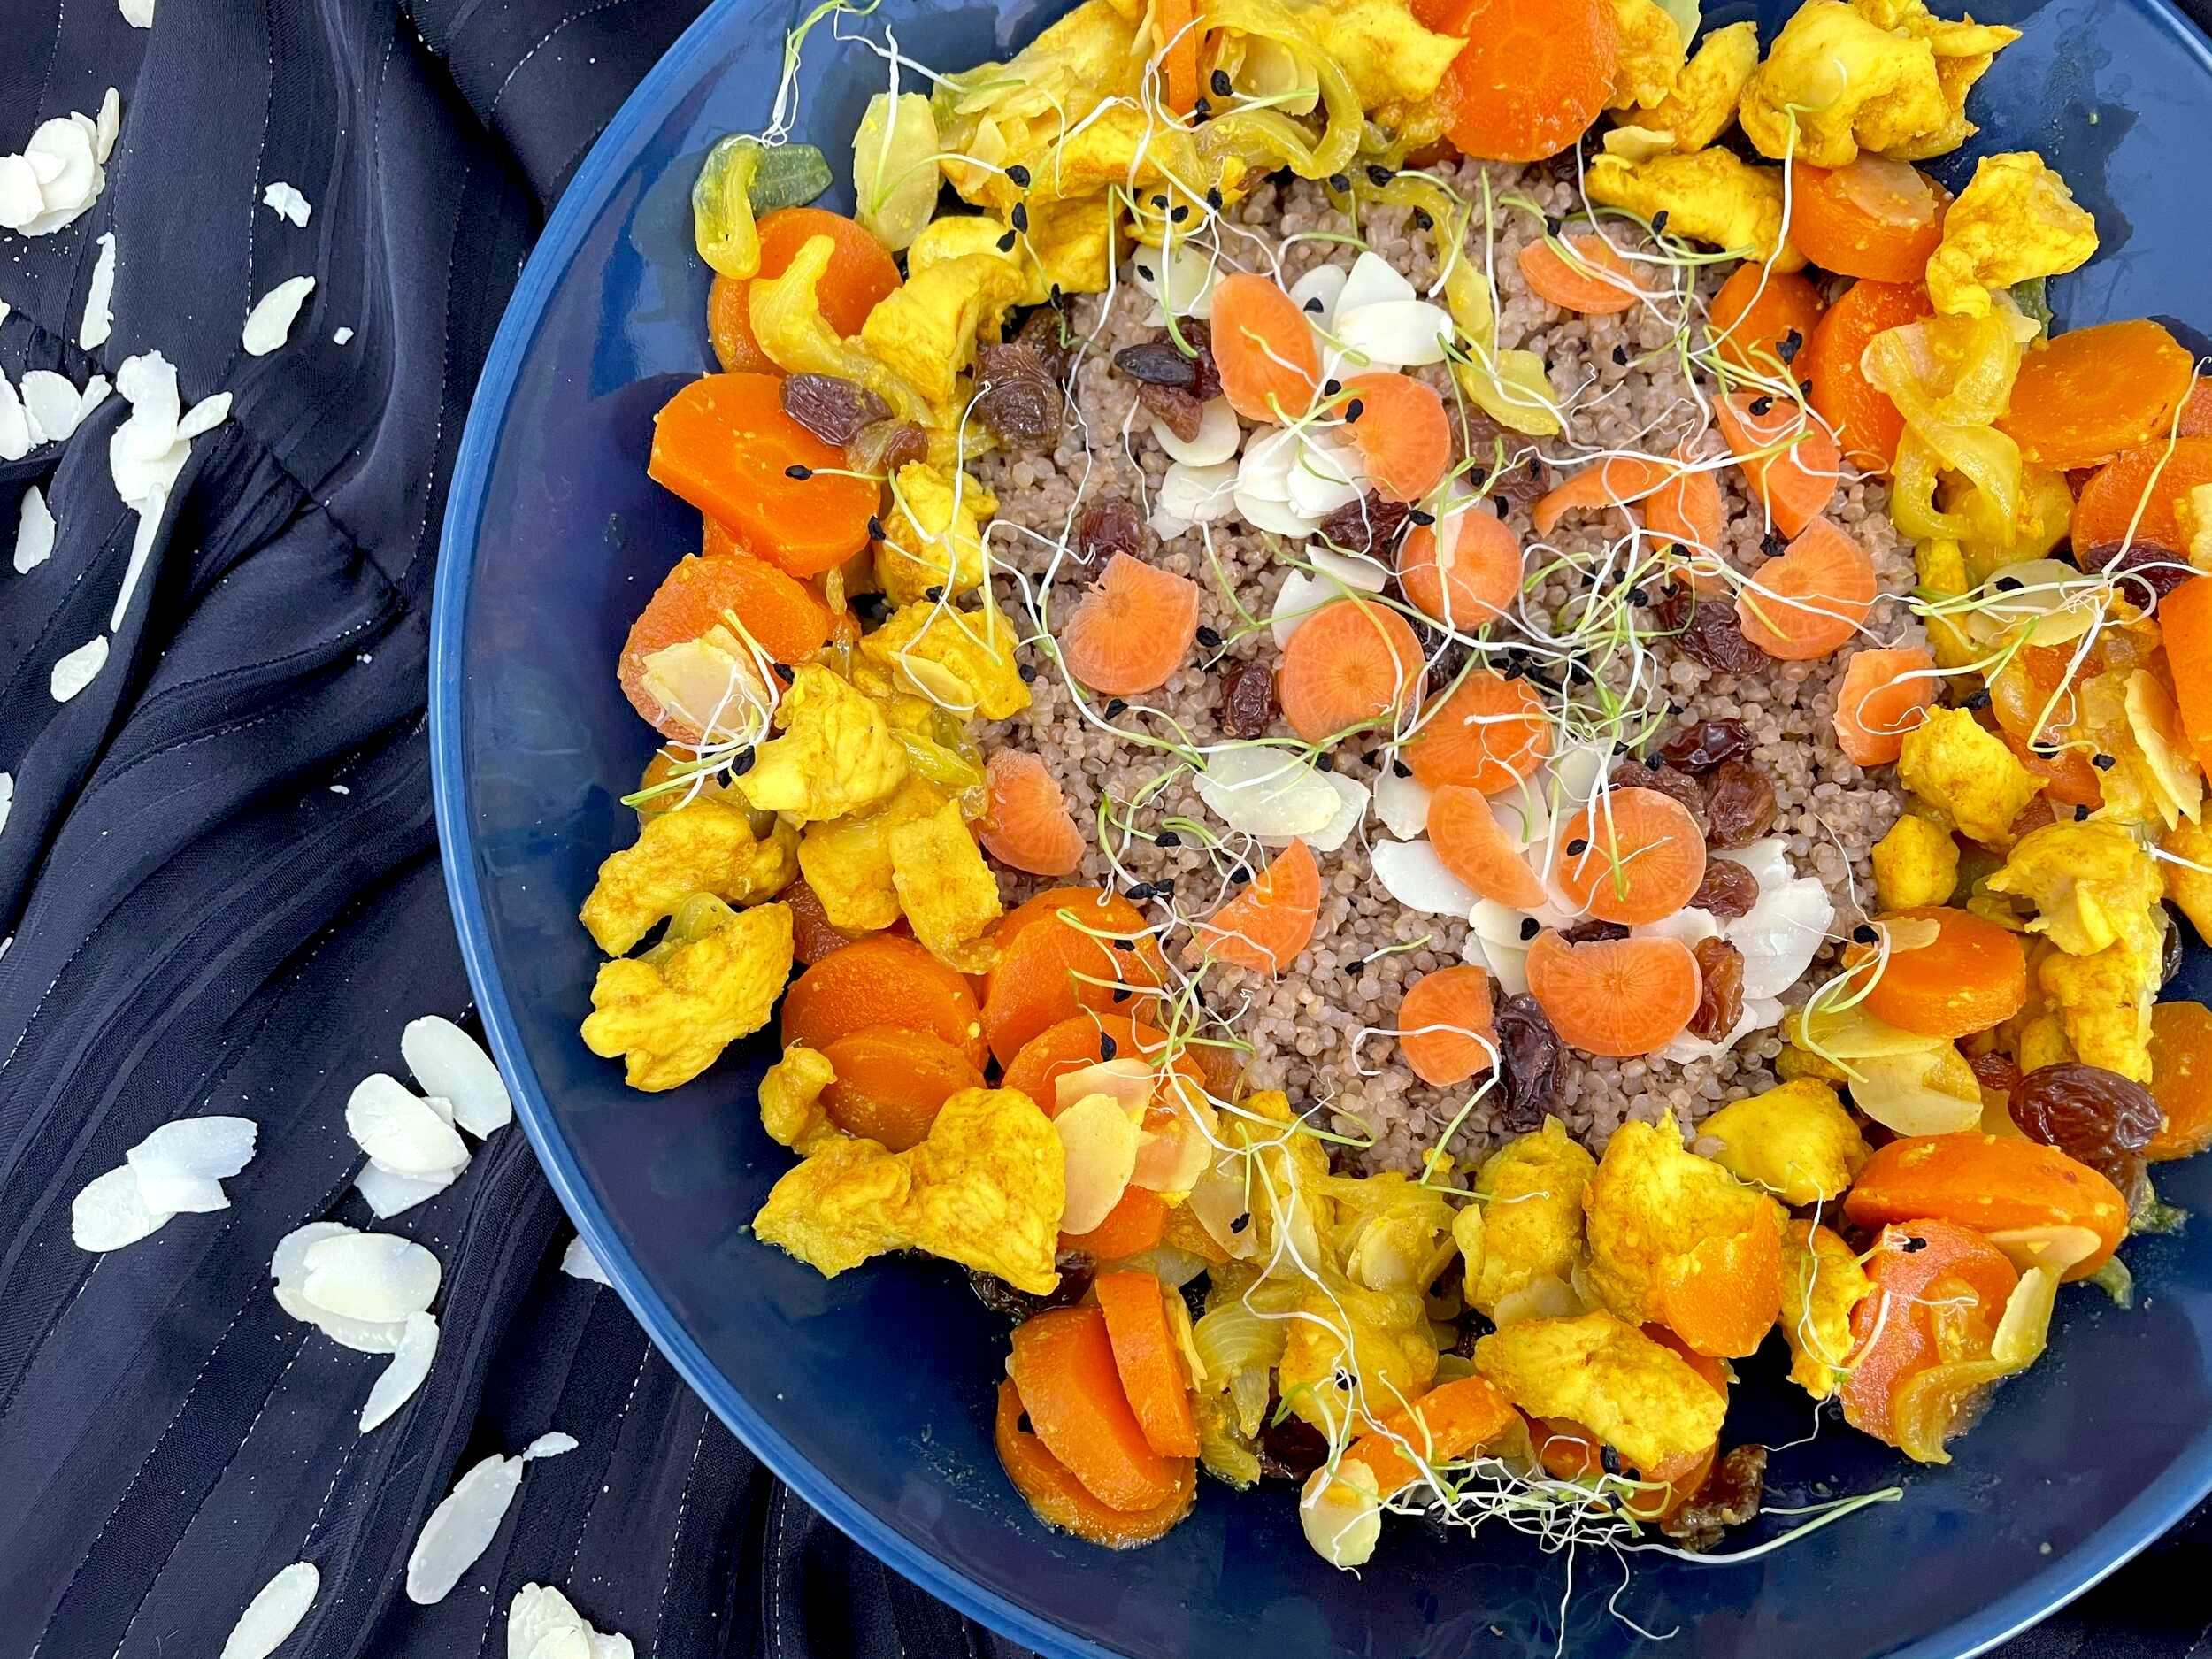 Dans un plat bleue on retrouve le poulet, les carottes, les raisins et les amandes effilées. Très appétissant.